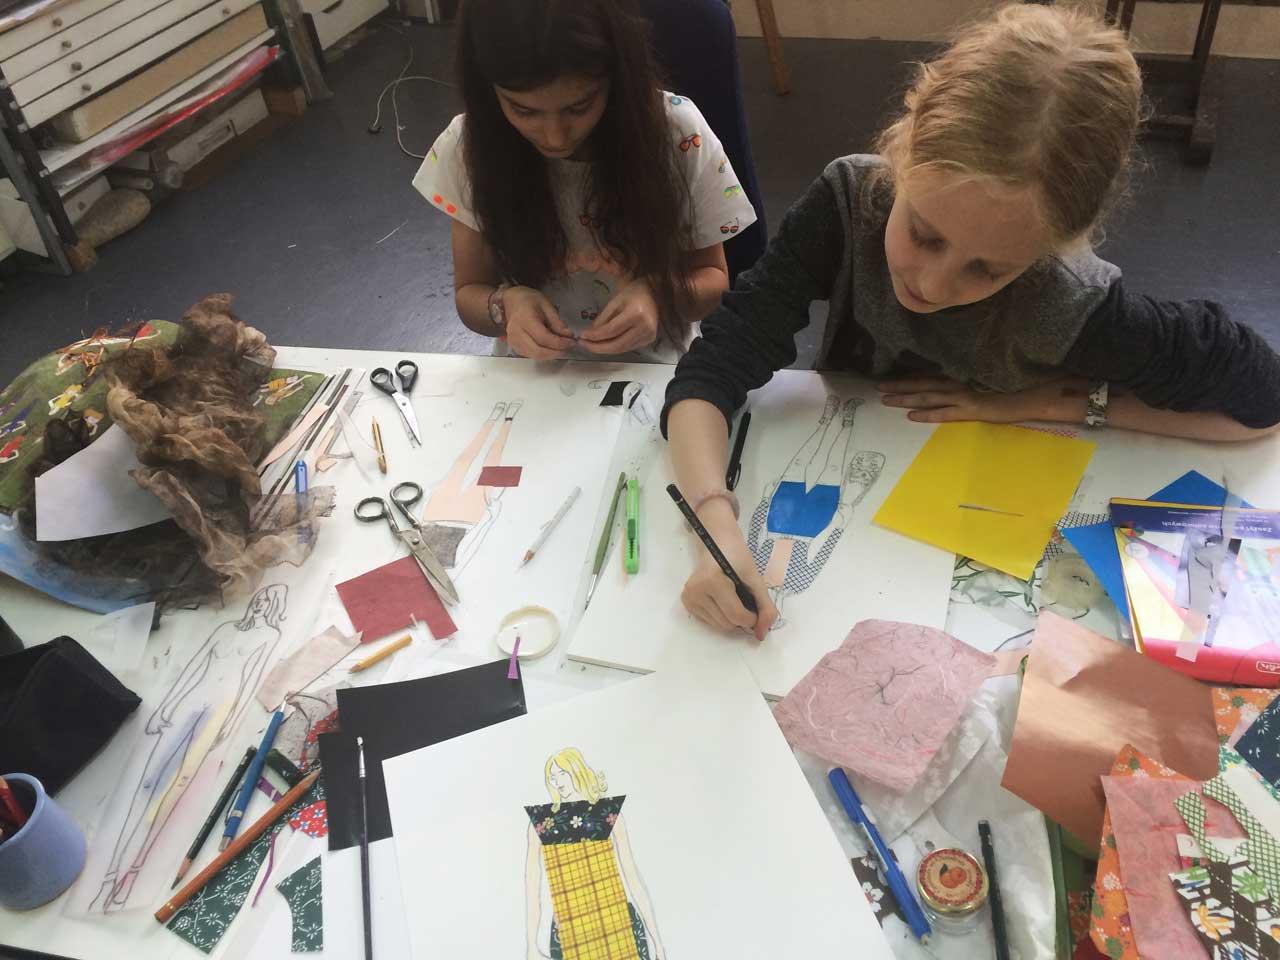 Cours de dessin et peinture pour des adolescents/enfants - Atelier de Mode